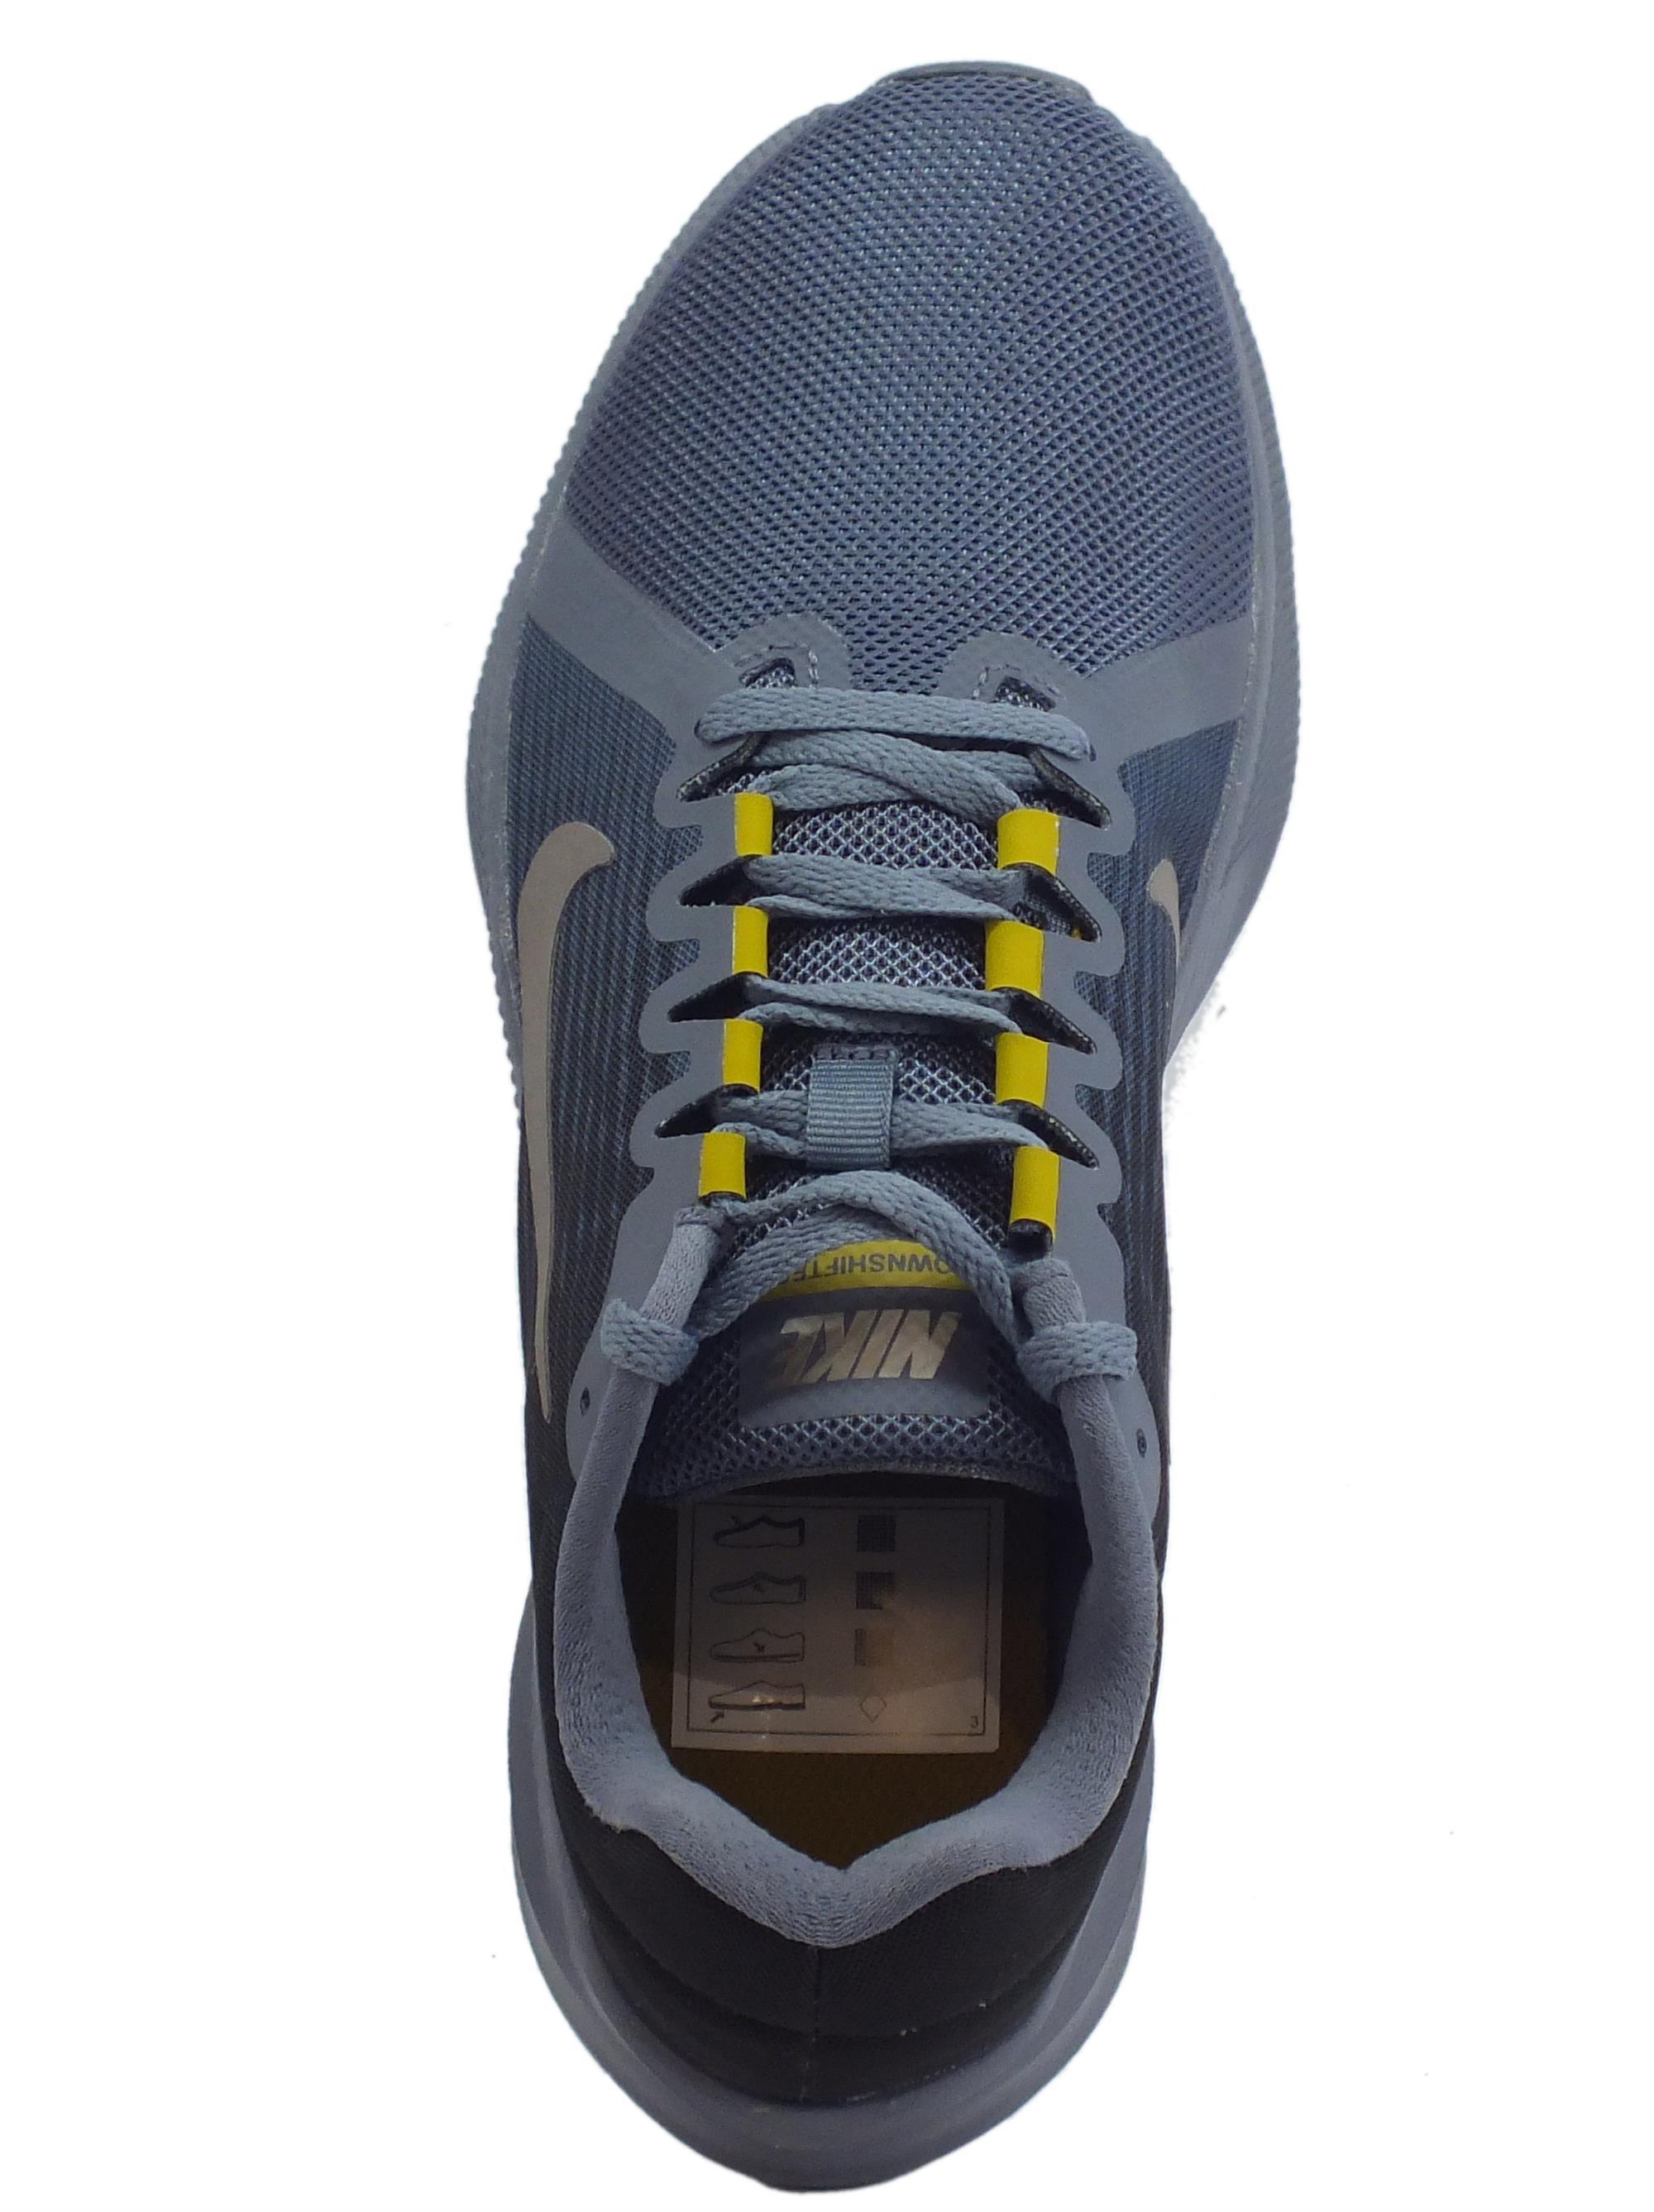 043cbbbed639 Scarpe Nike Downshifter 8 Light Carbon uomo tessuto - Vitiello Calzature